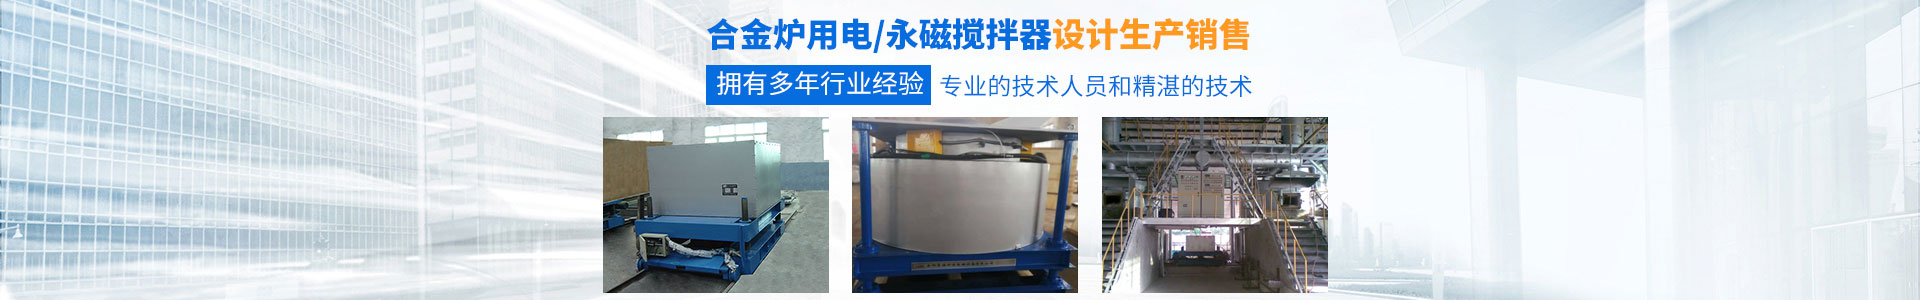 岳阳通海炉窑乐动平台设备有限公司_湖南熔炼炉生产销售|湖南乐动平台ld乐动生产销售